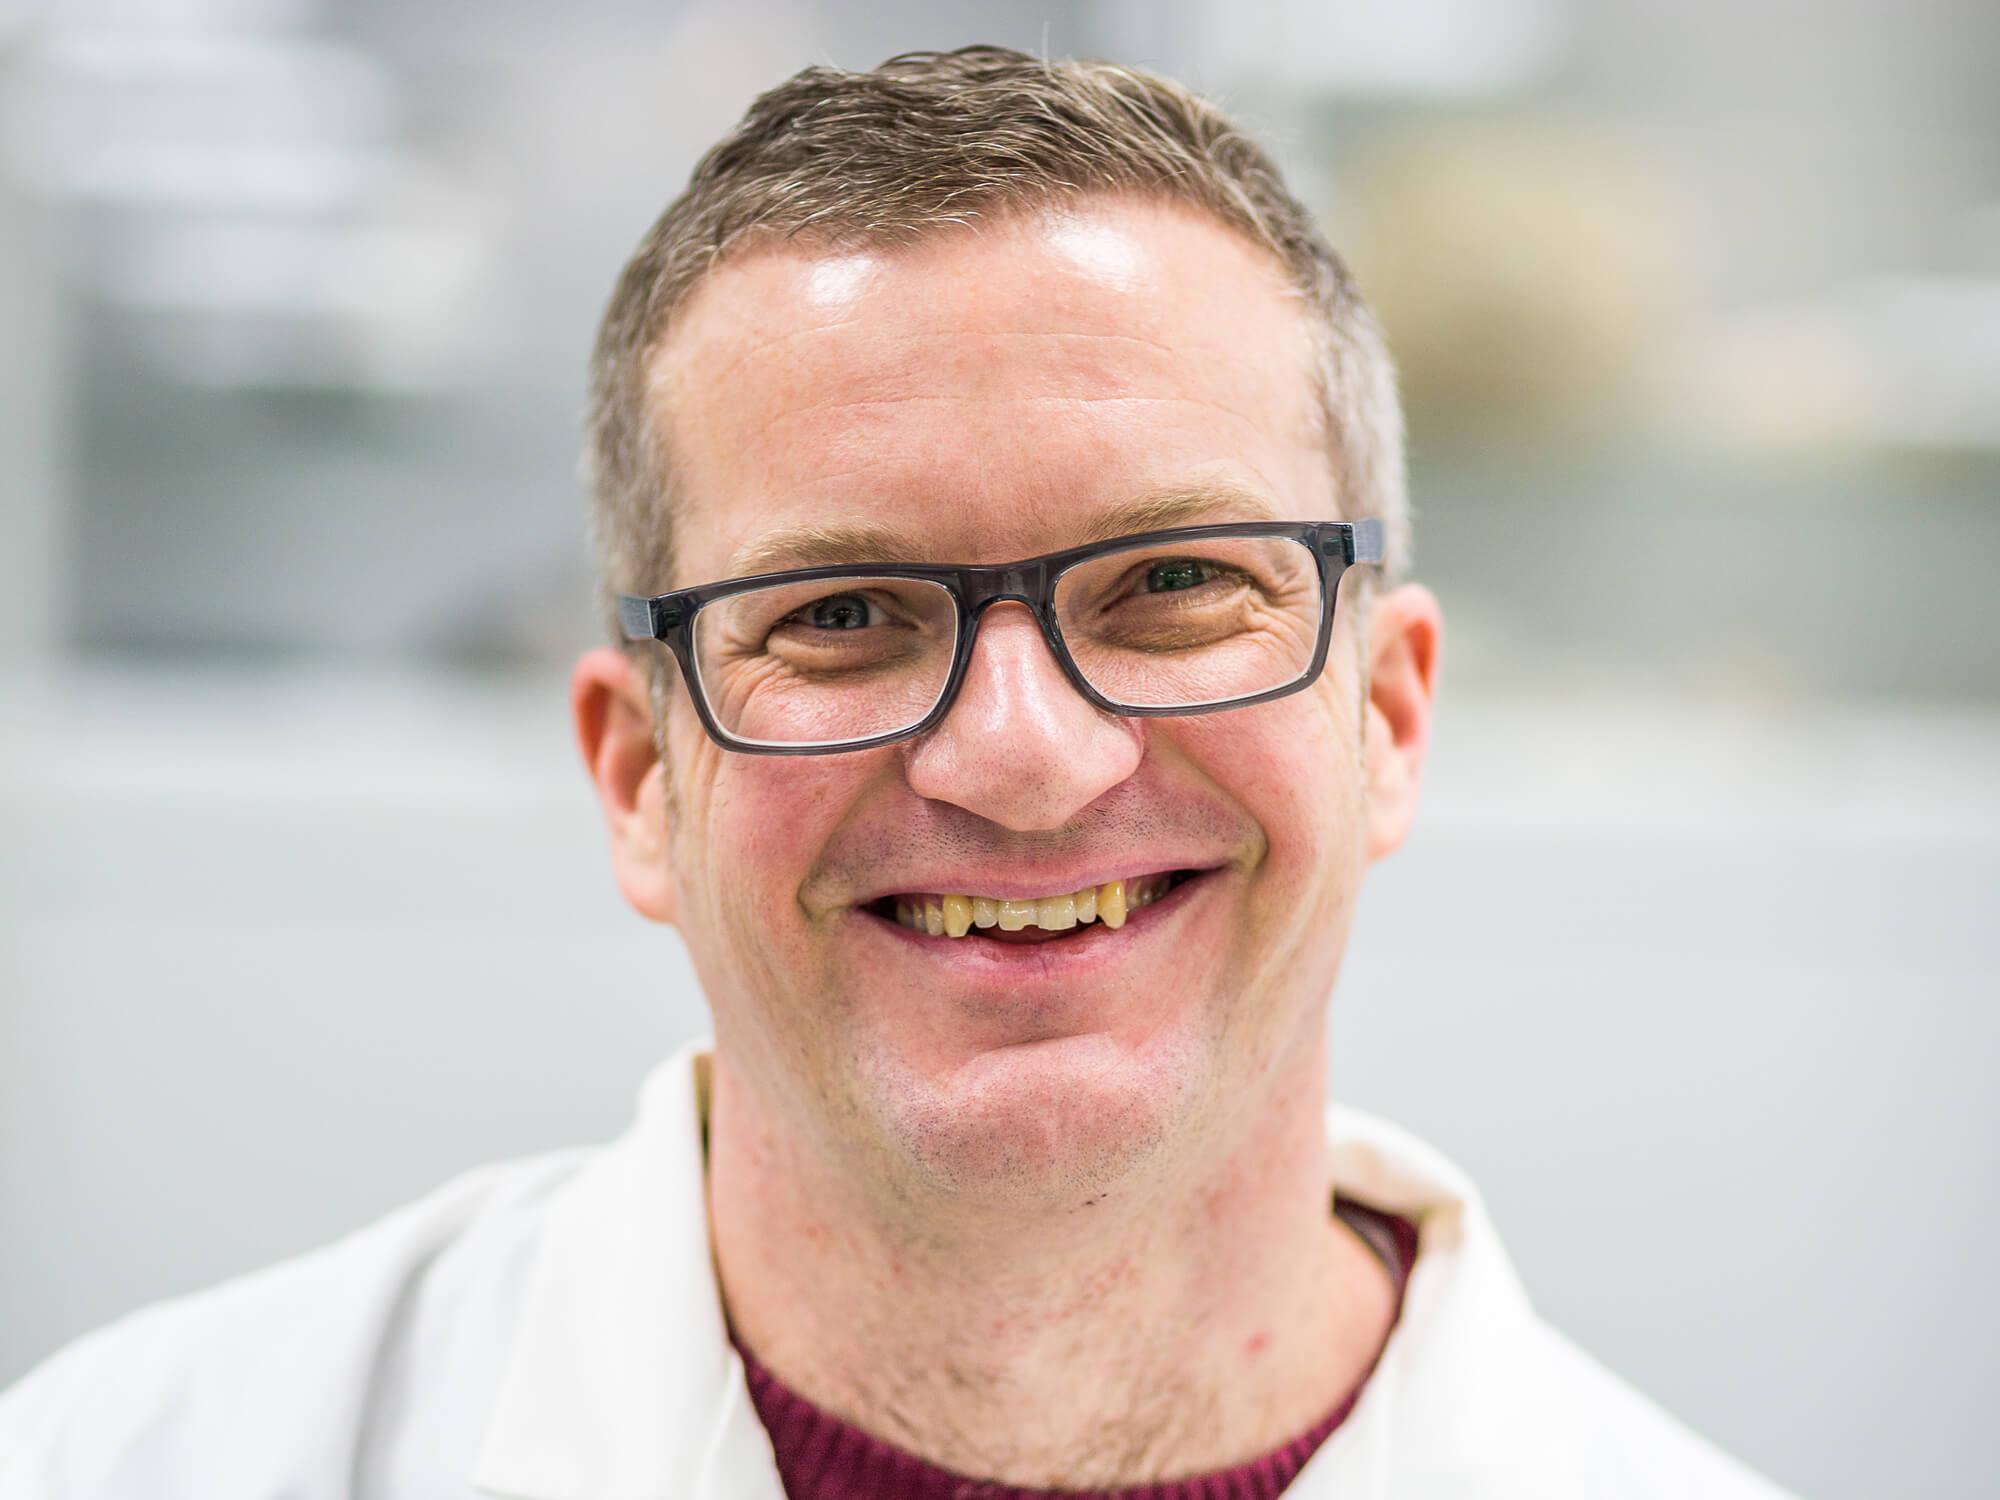 Headshot of Ian Turner smiling